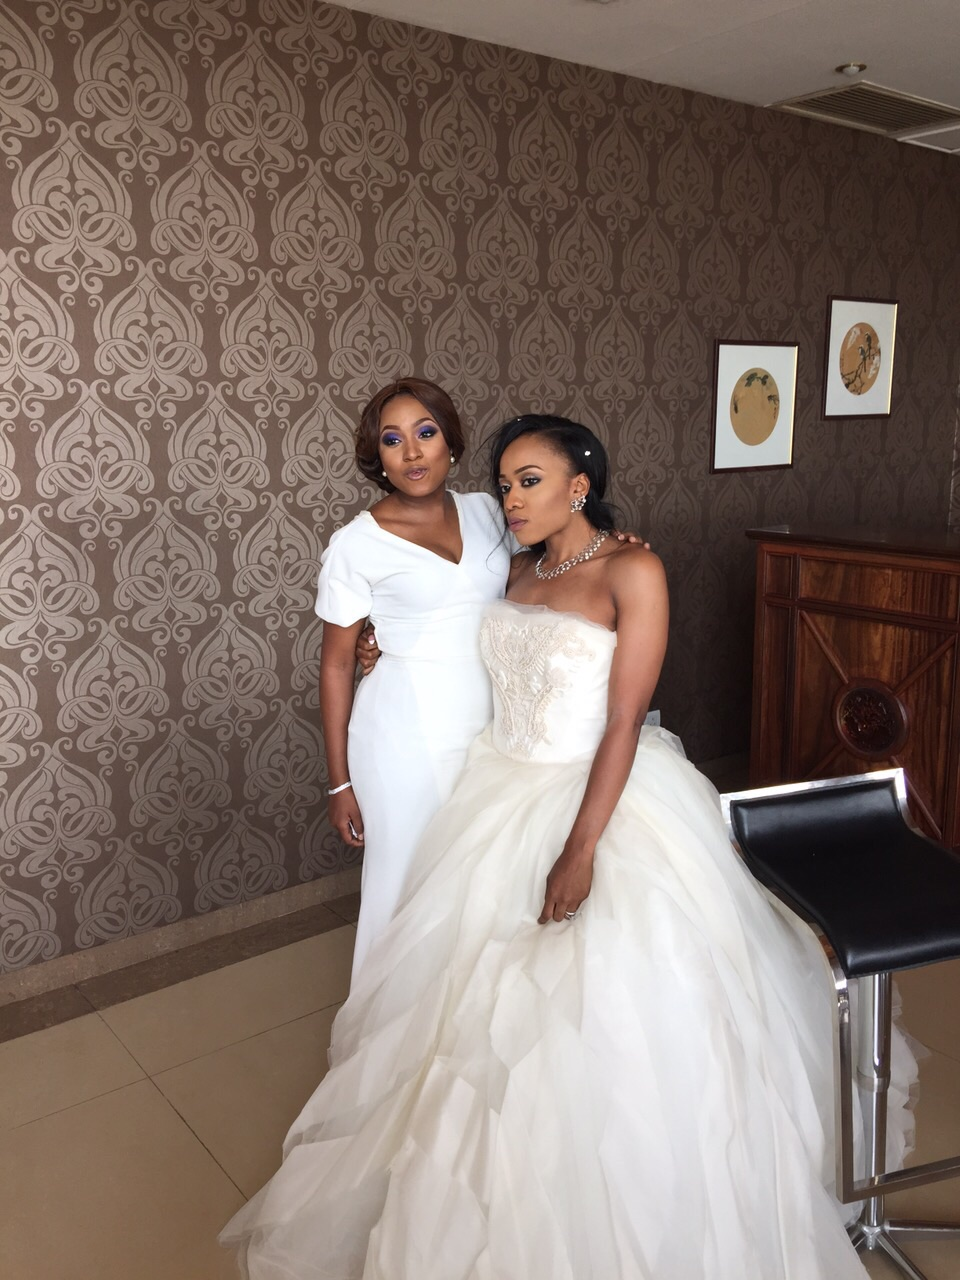 Onyinye Onwugbenu & Bosah Chukwuogo Wedding April 2015 - 19